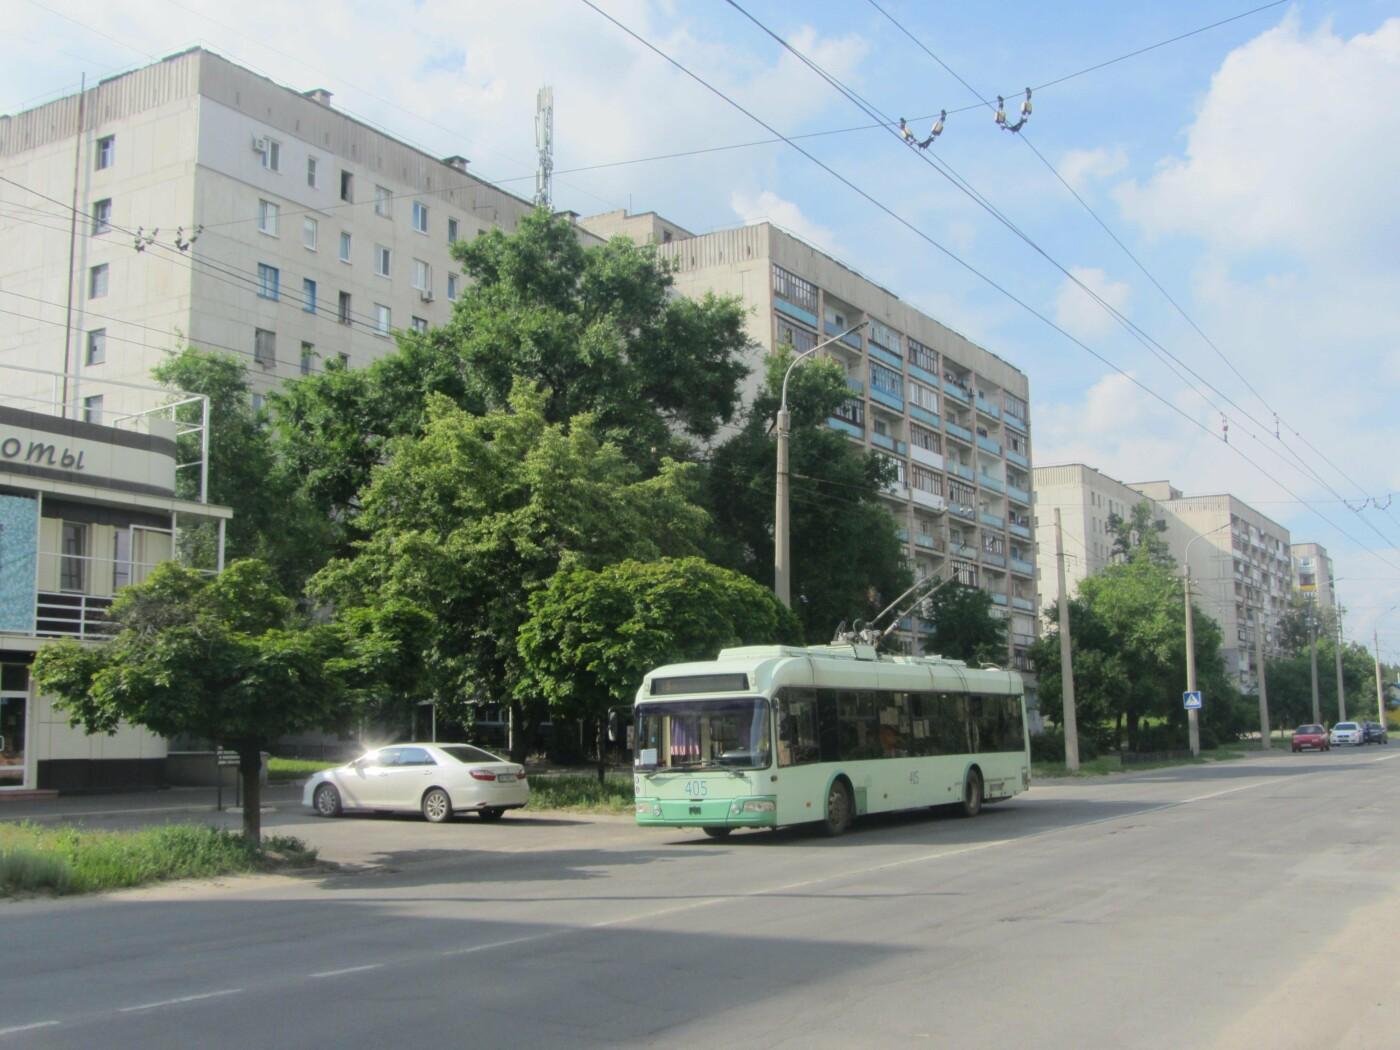 Маршруты общественного транспорта Северодонецка, фото-4